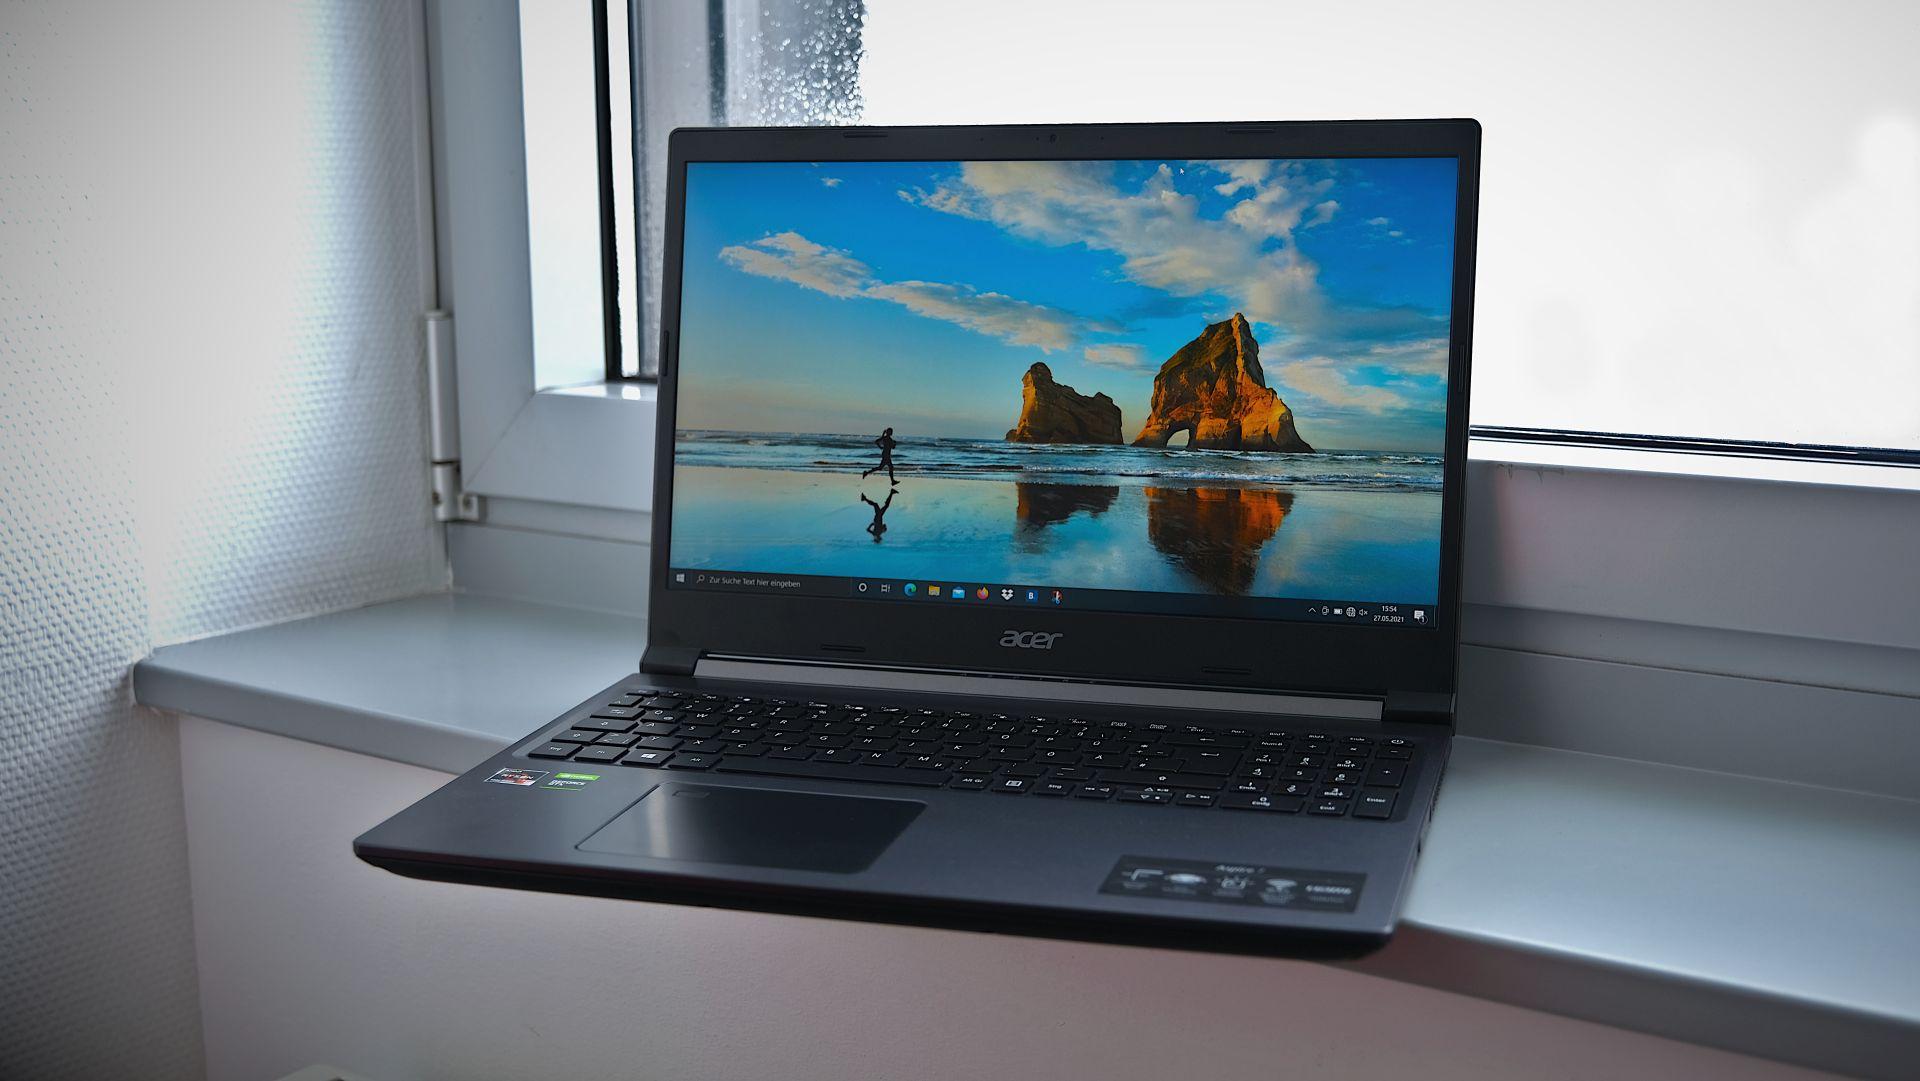 Acer Aspire 7 Review 2021